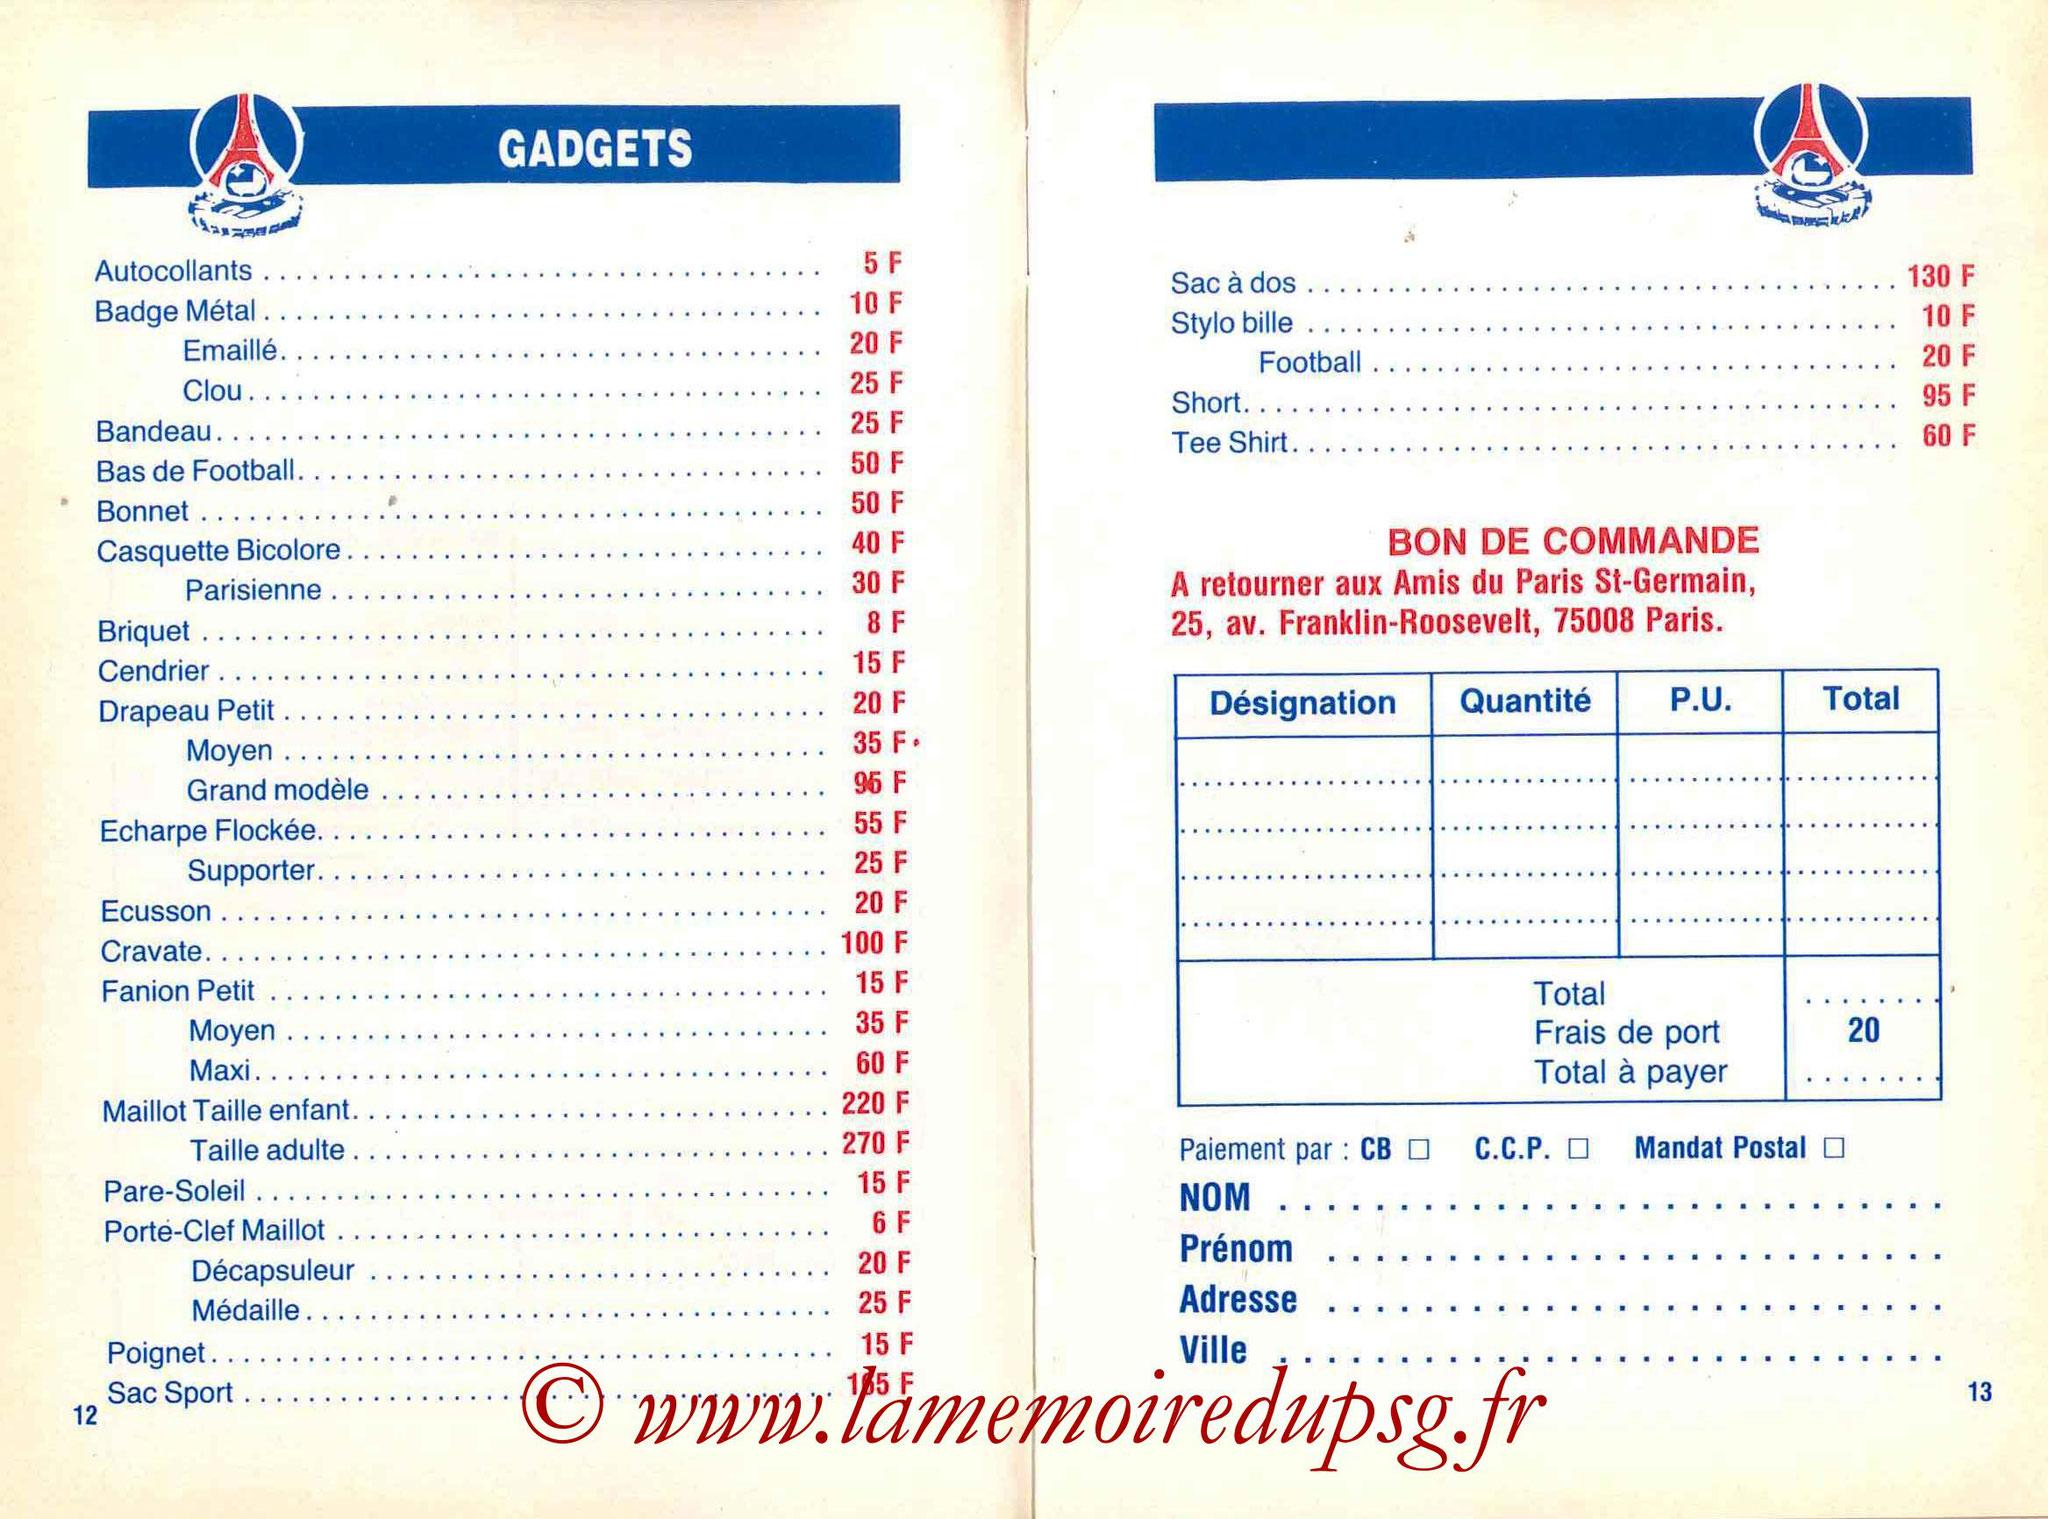 1988-89 - Guide de la Saison PSG - Pages 12 et 13